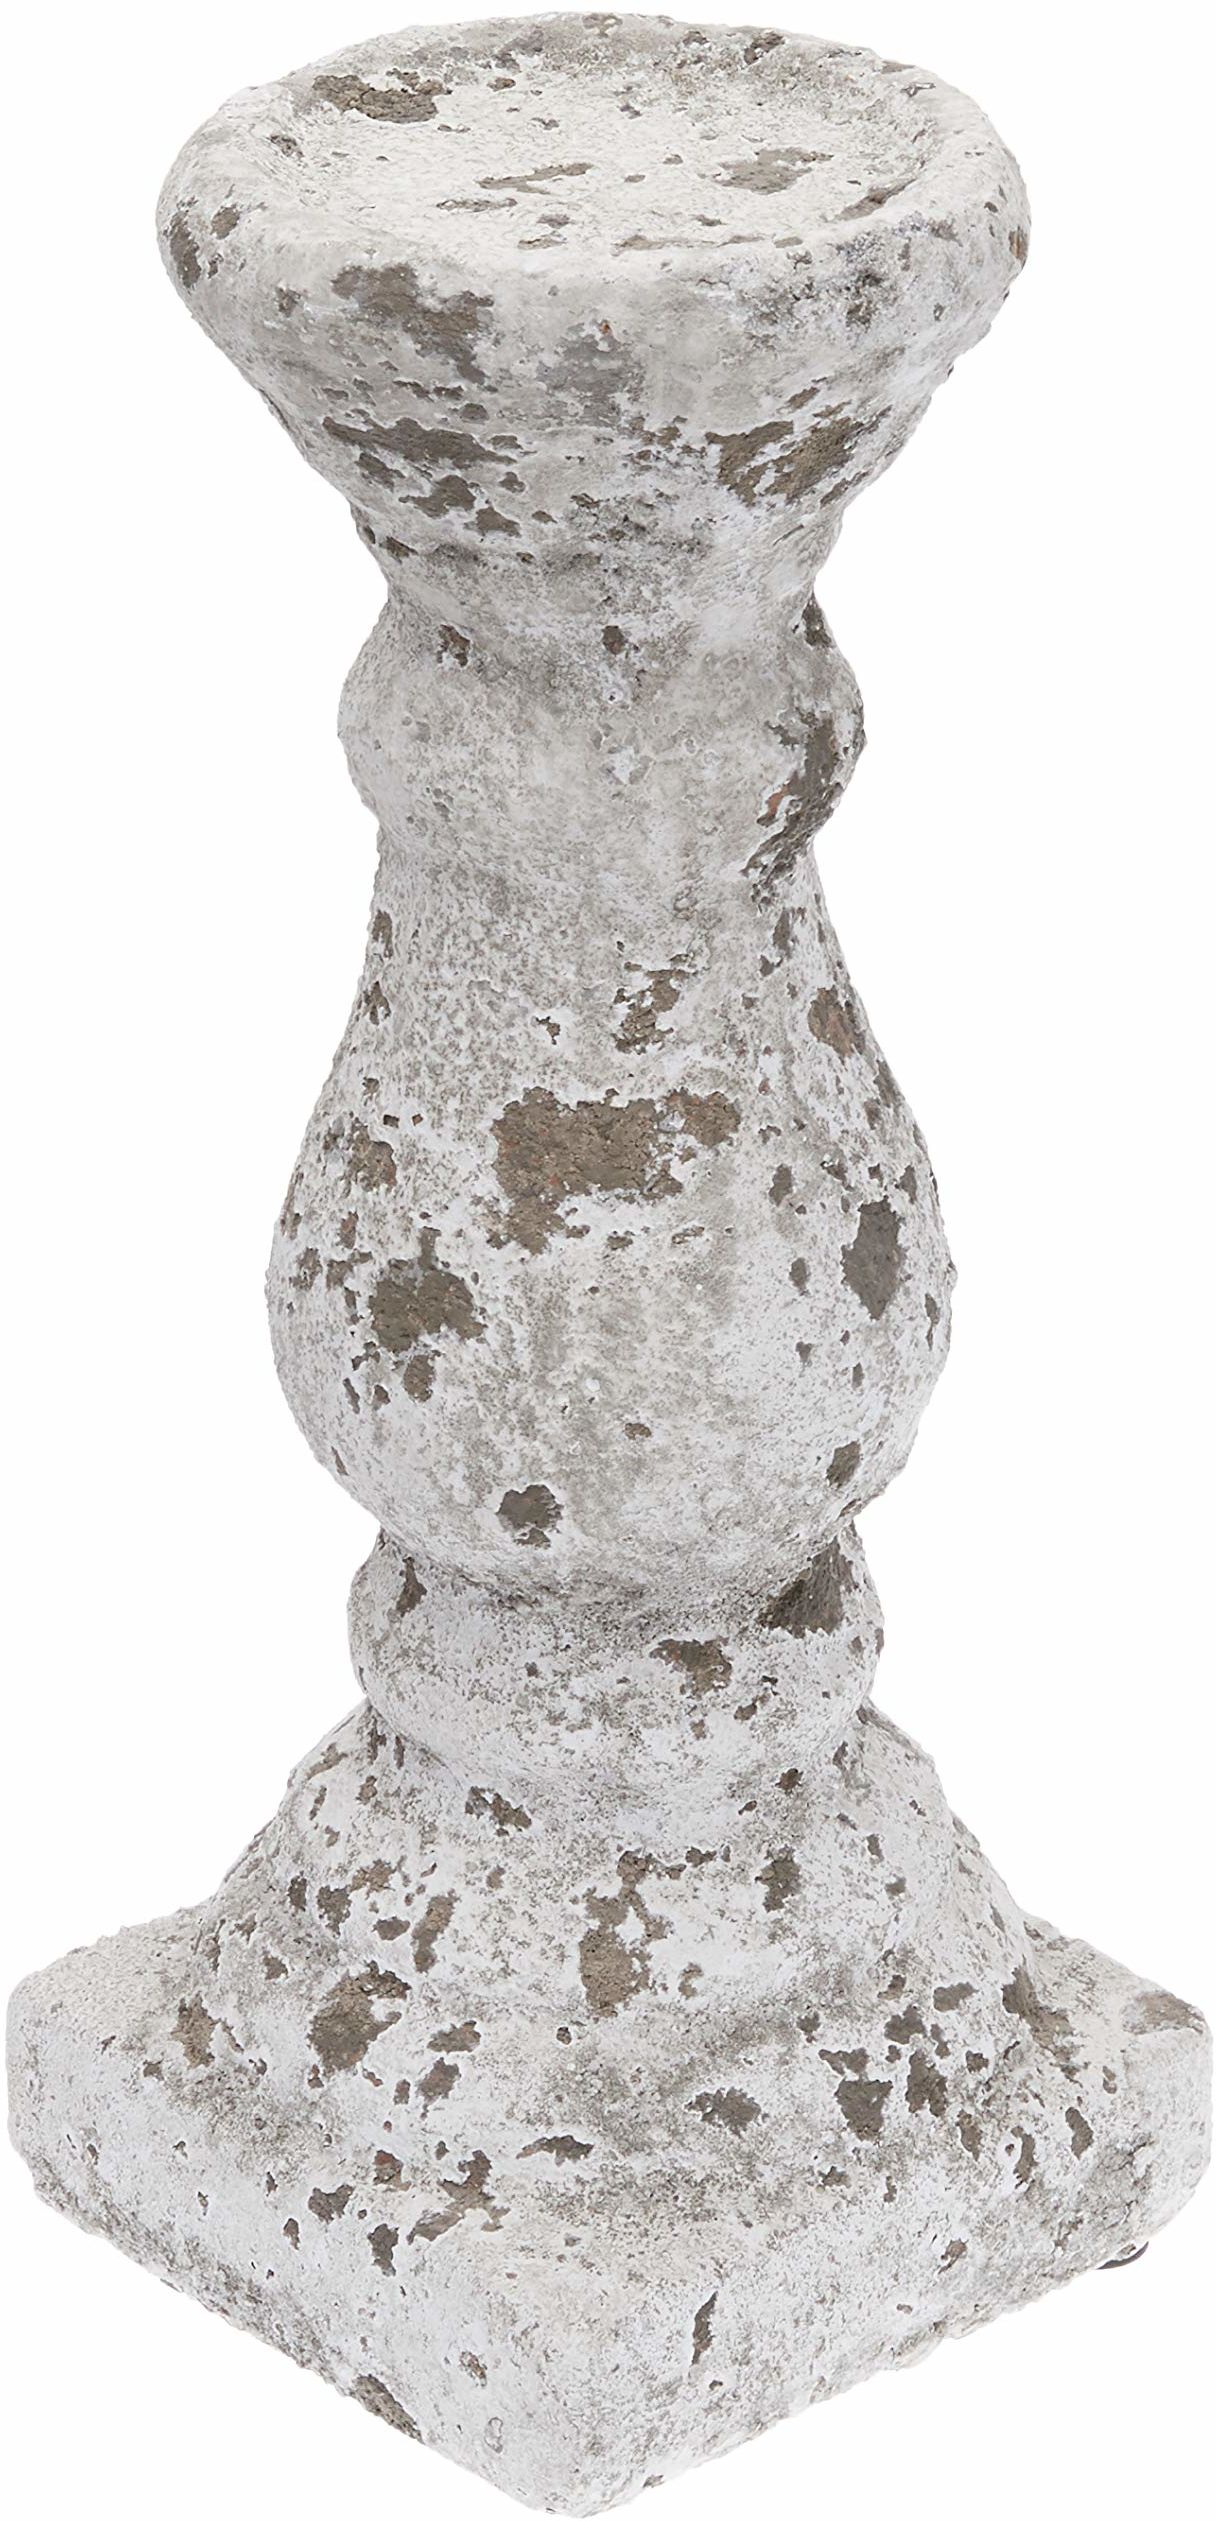 Better & Best świecznik 1 świeca bryłowa, szary, wymiary 12 x 12 x 29 cm, materiał: cement, rozmiar uniwersalny